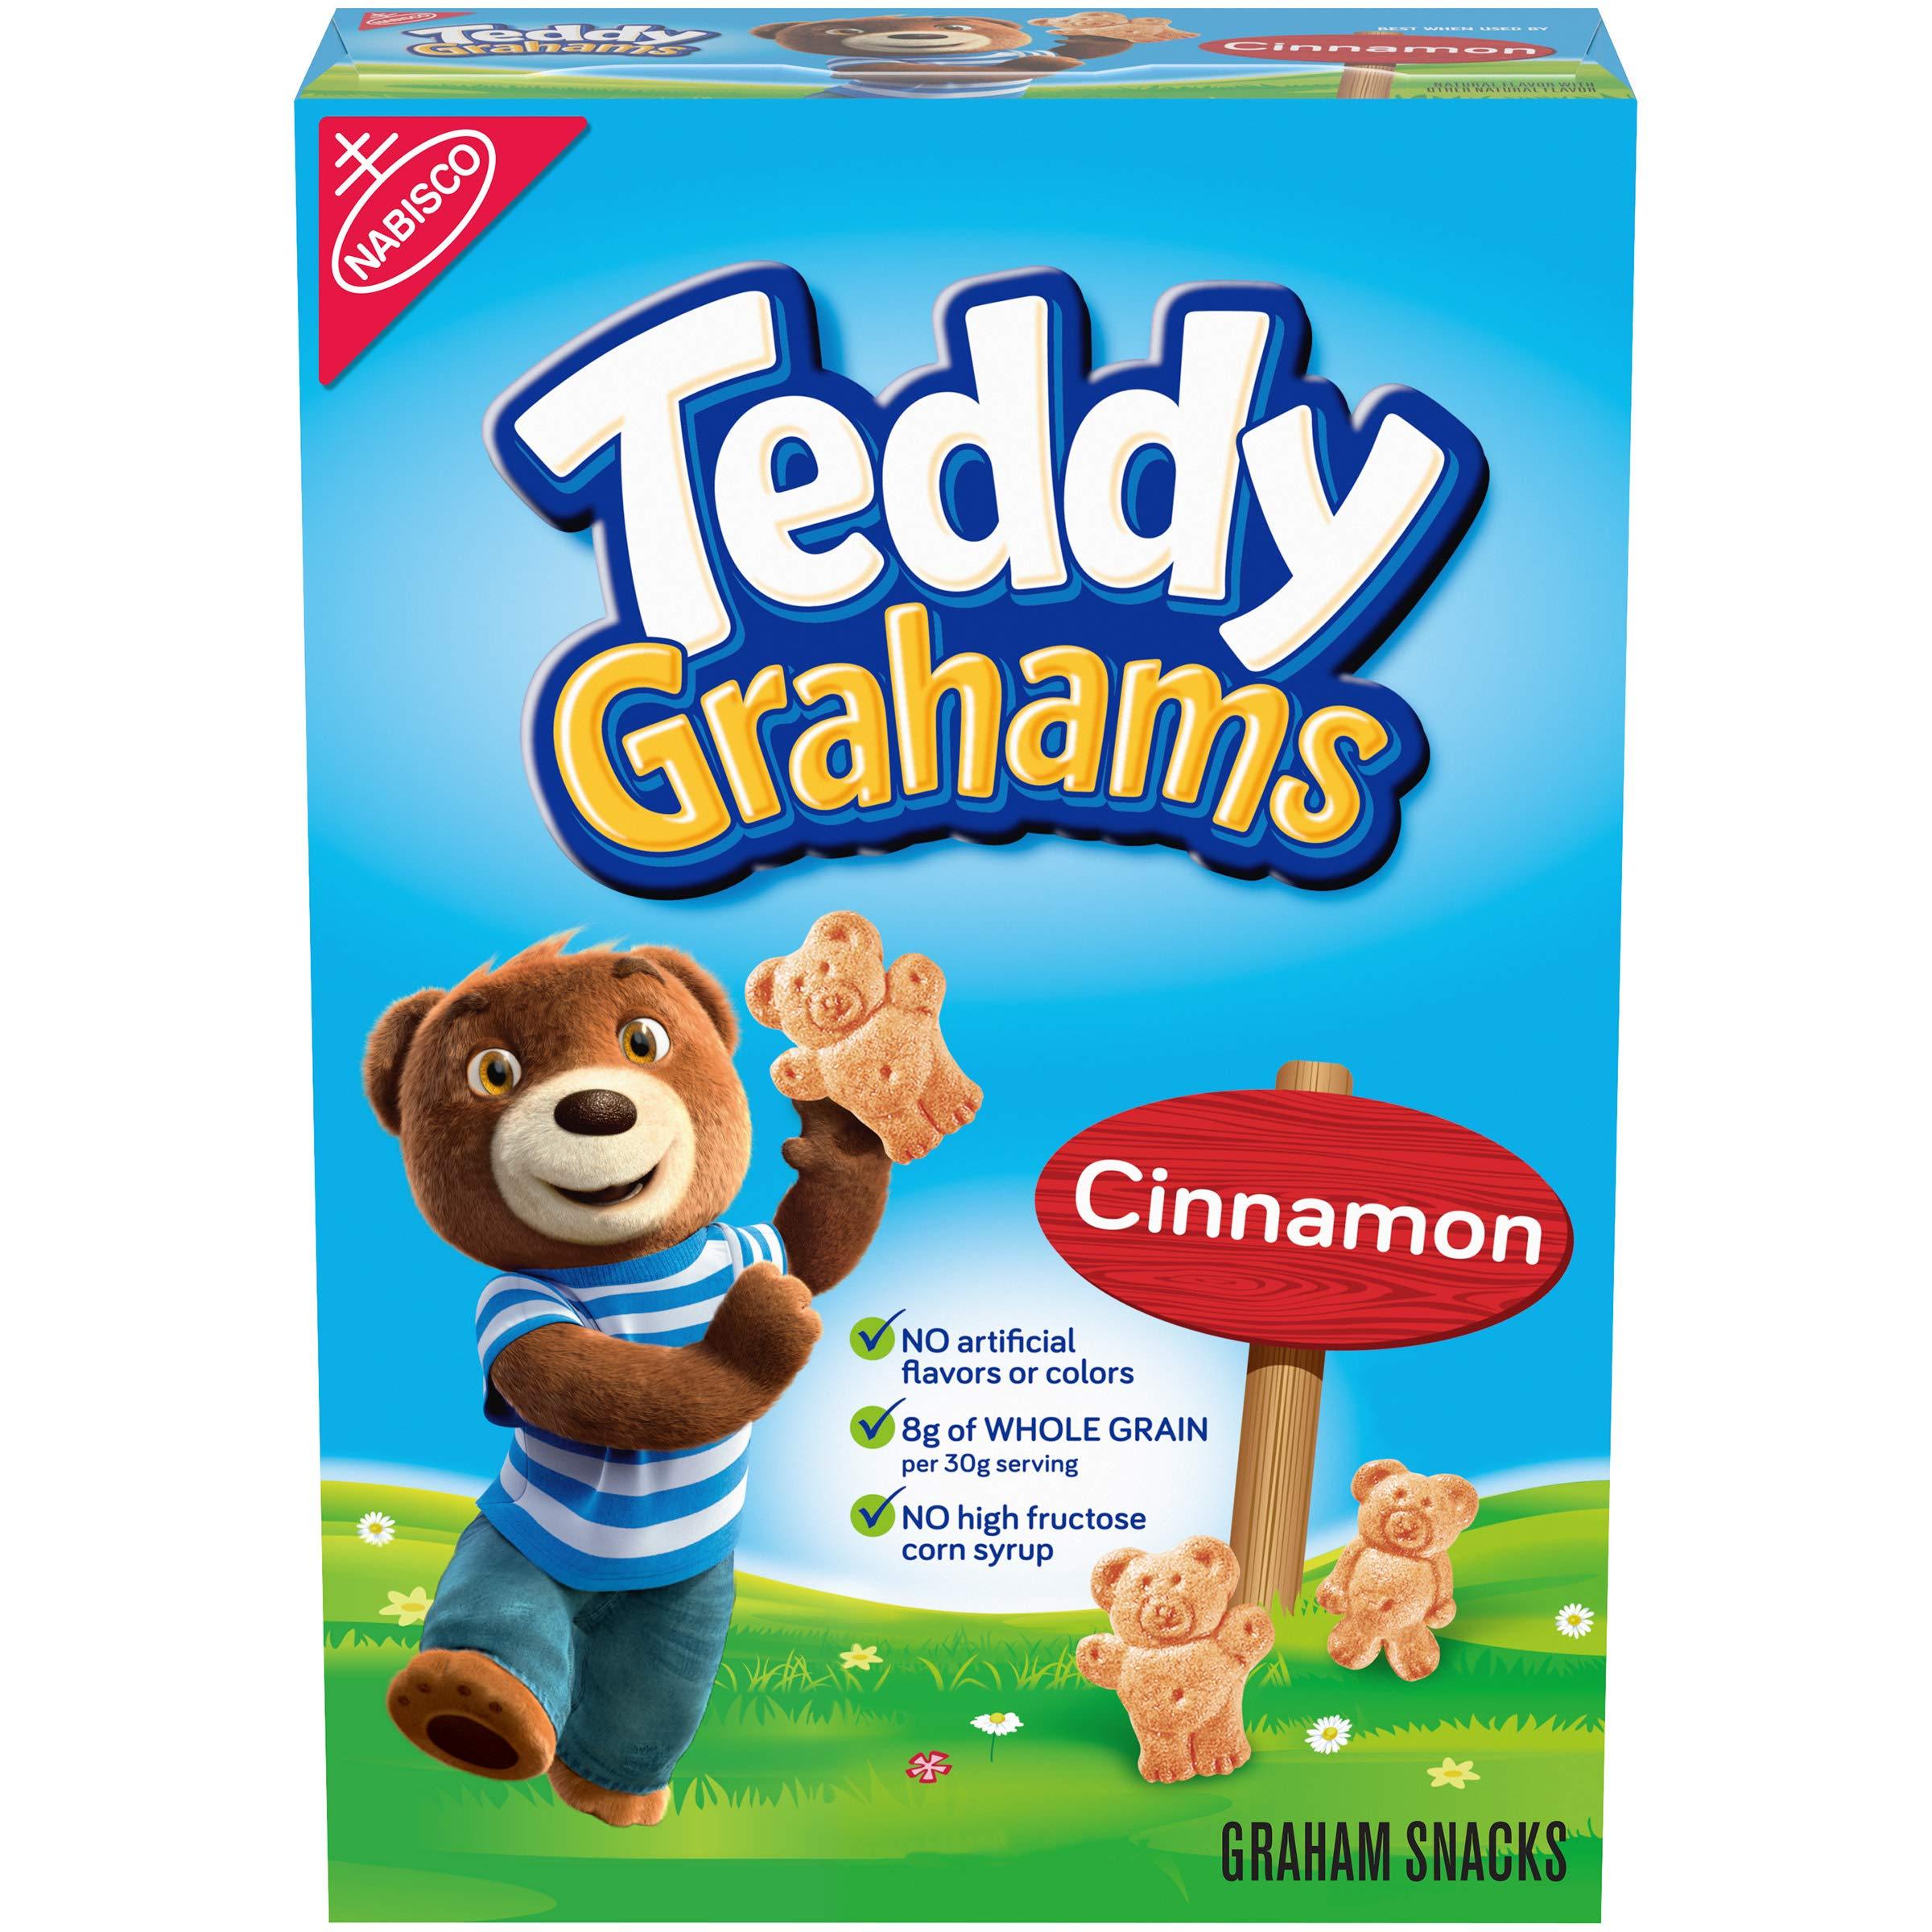 Teddy Grahams Cinnamon Graham Snacks, 1 box (10oz)